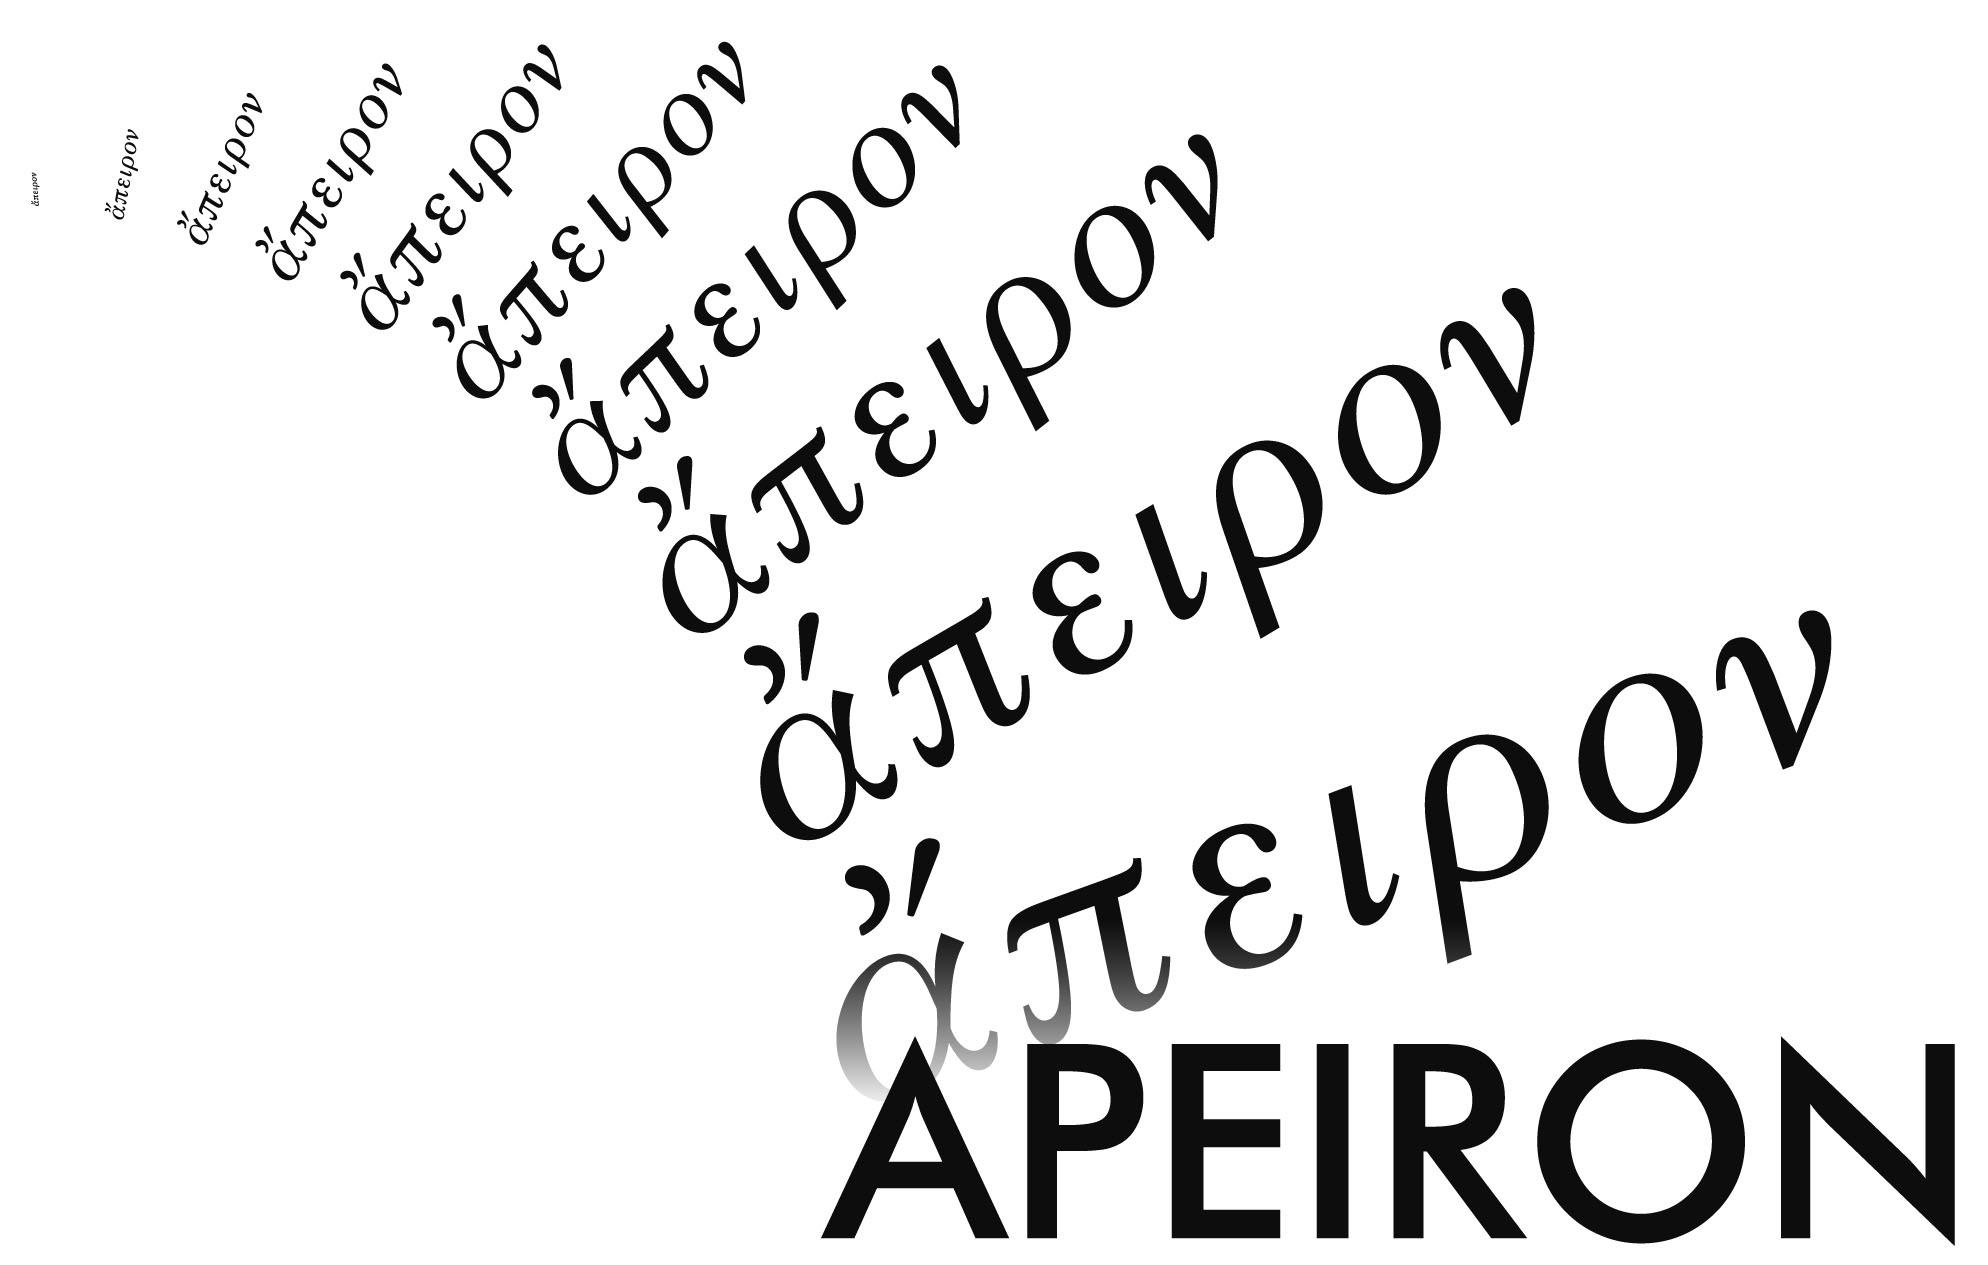 ApeironEditoriLogo.jpg